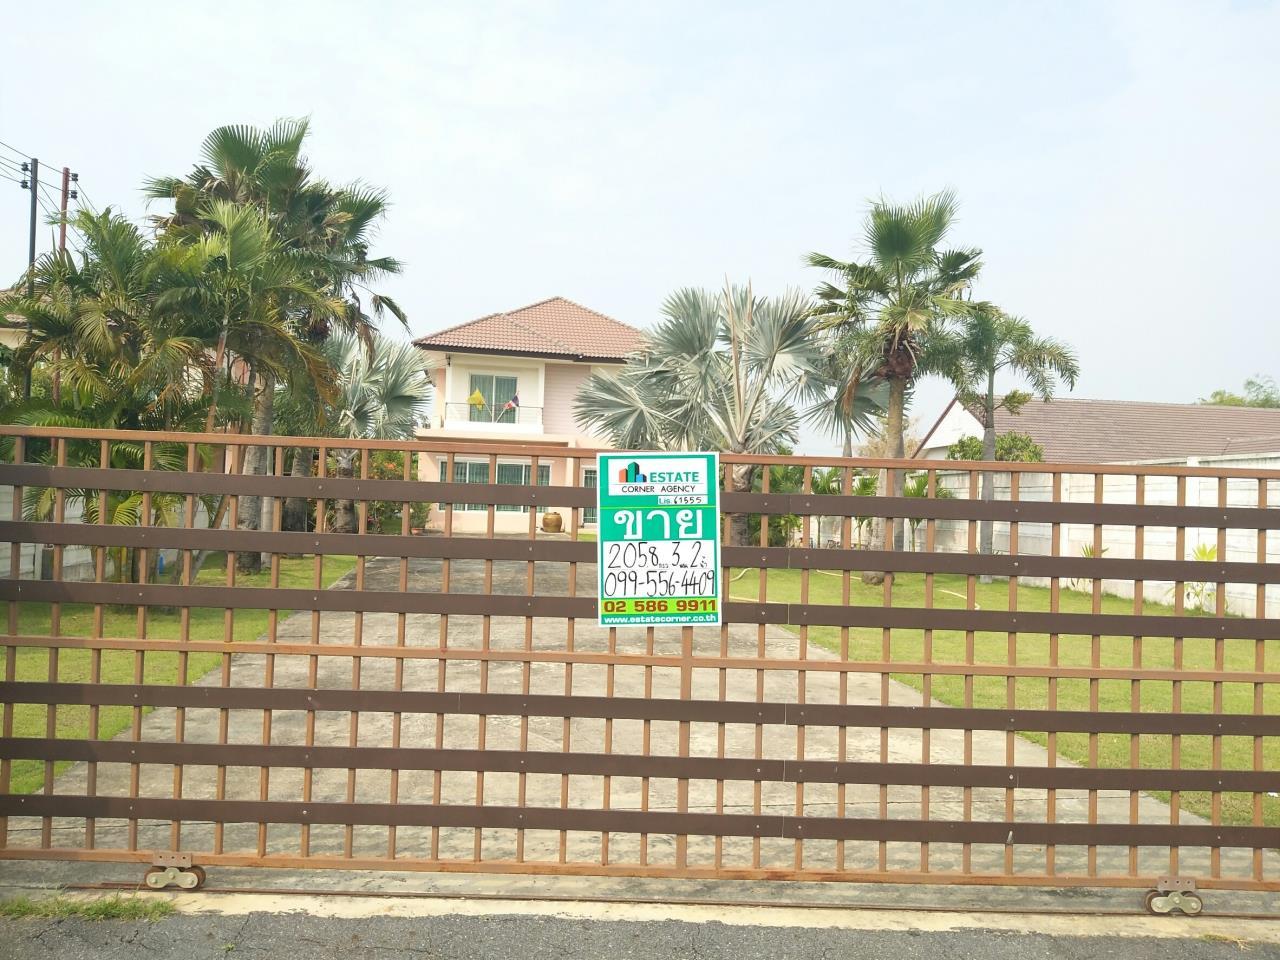 ขาย บ้าน แขวงกระทุ่มราย เขตหนองจอก กรุงเทพมหานคร, ภาพที่ 1